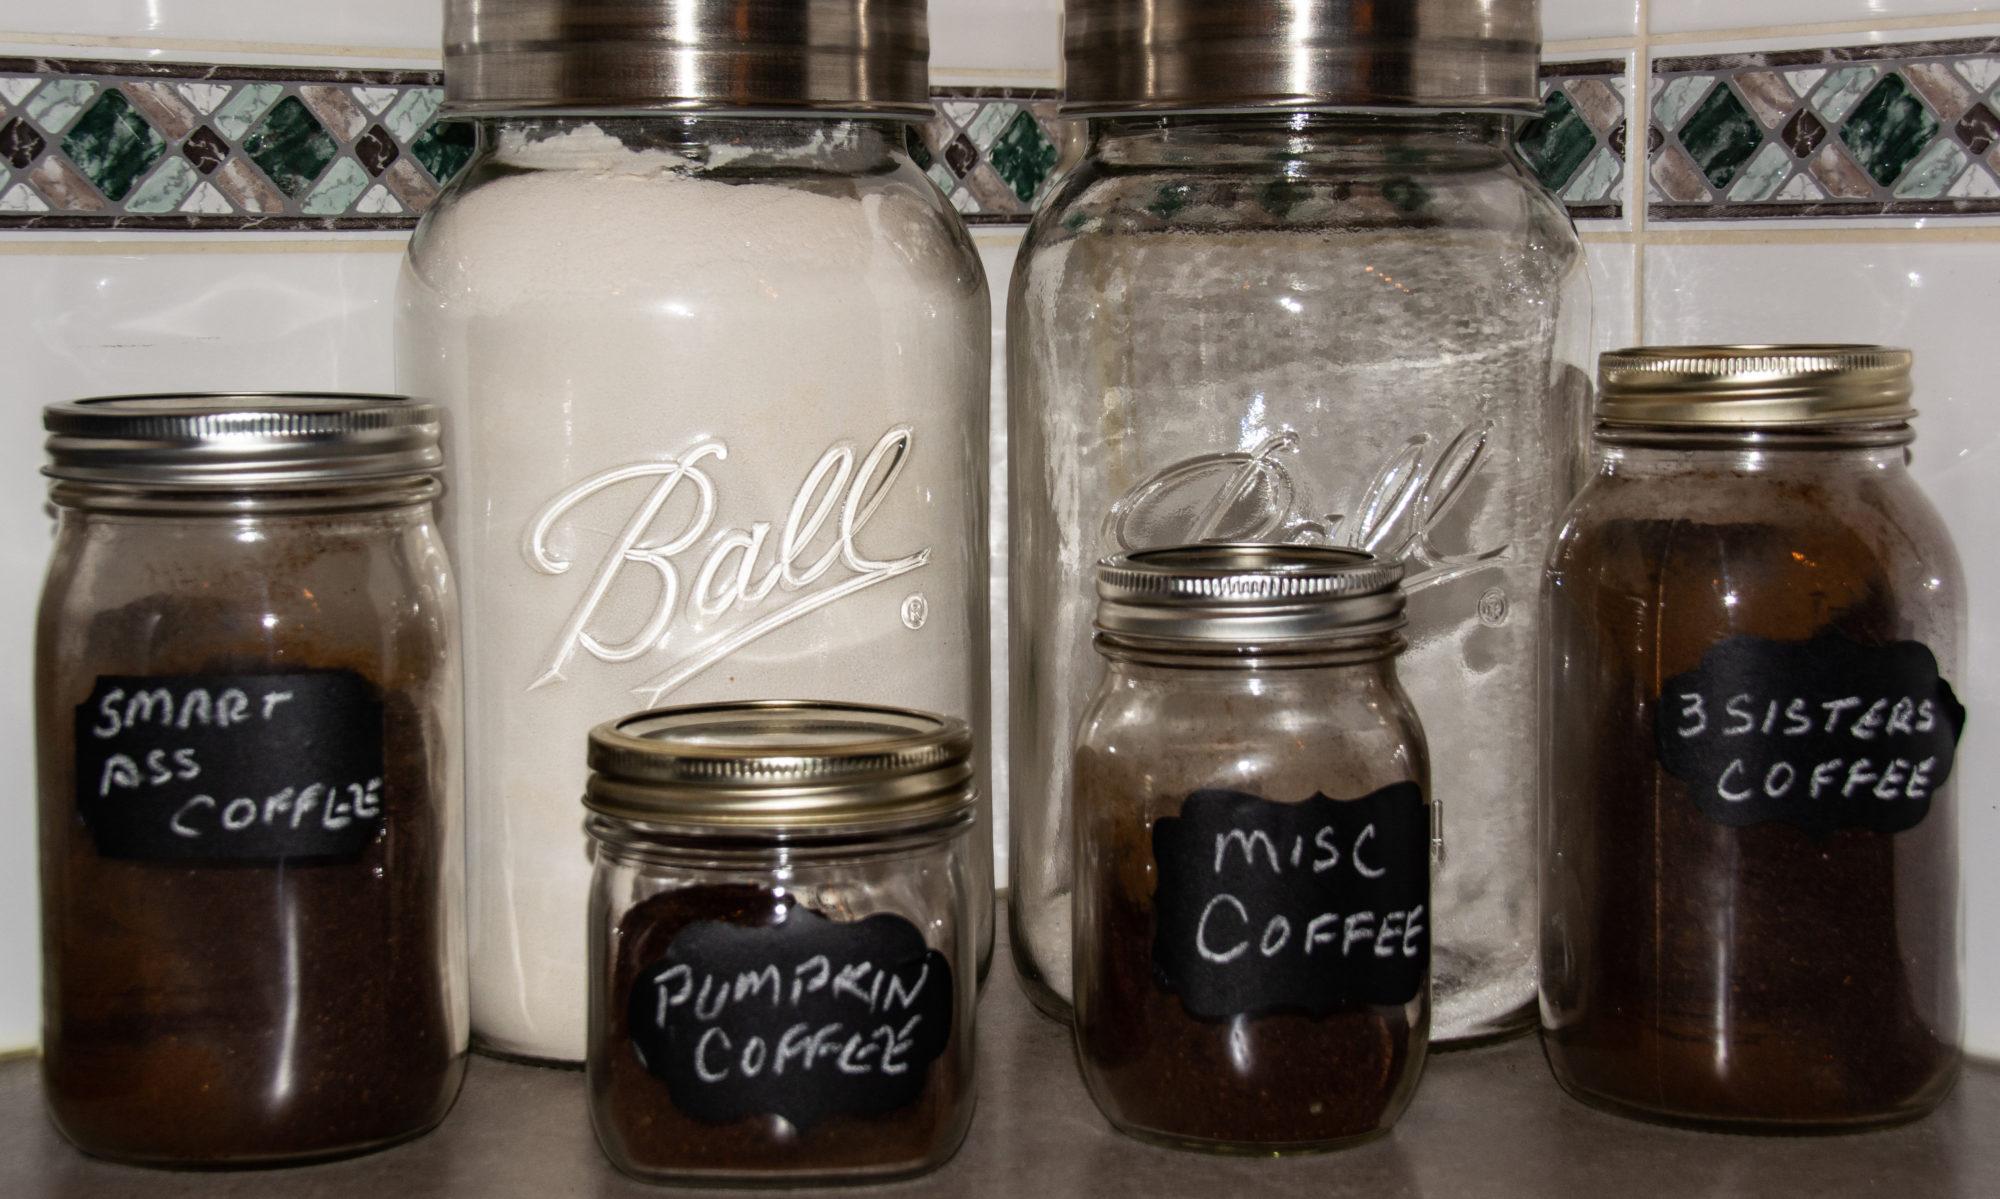 CoffeeCupexposures